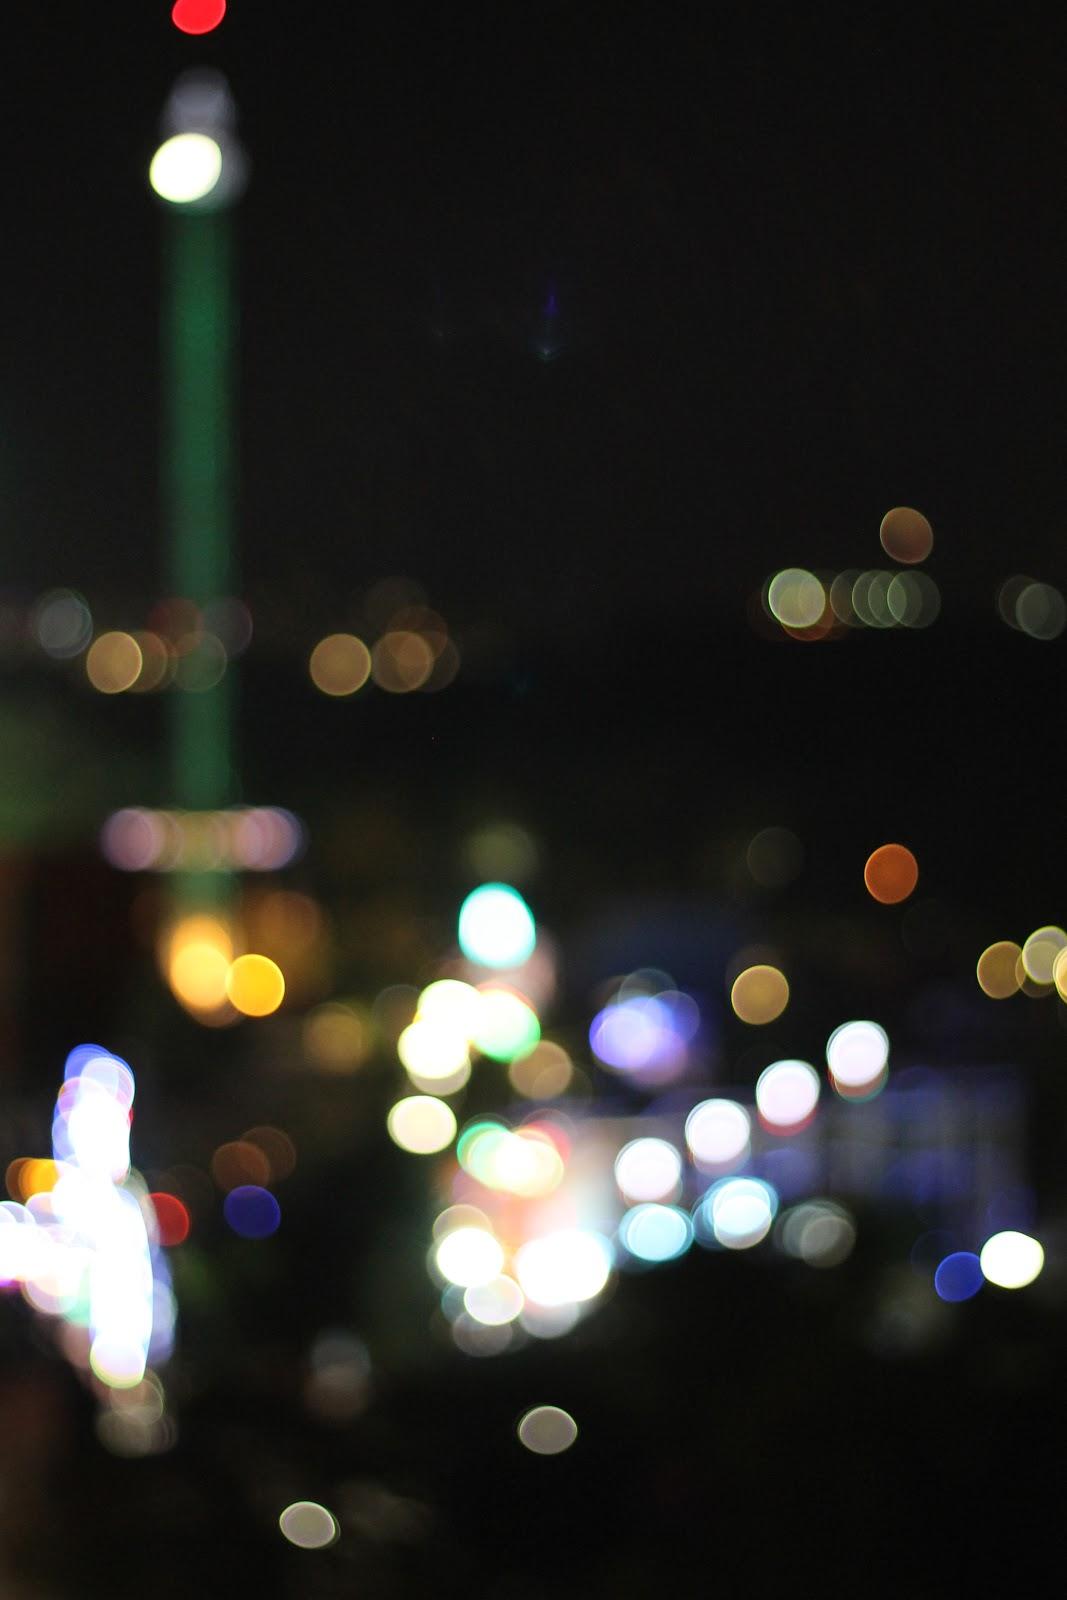 funfair at night bokeh